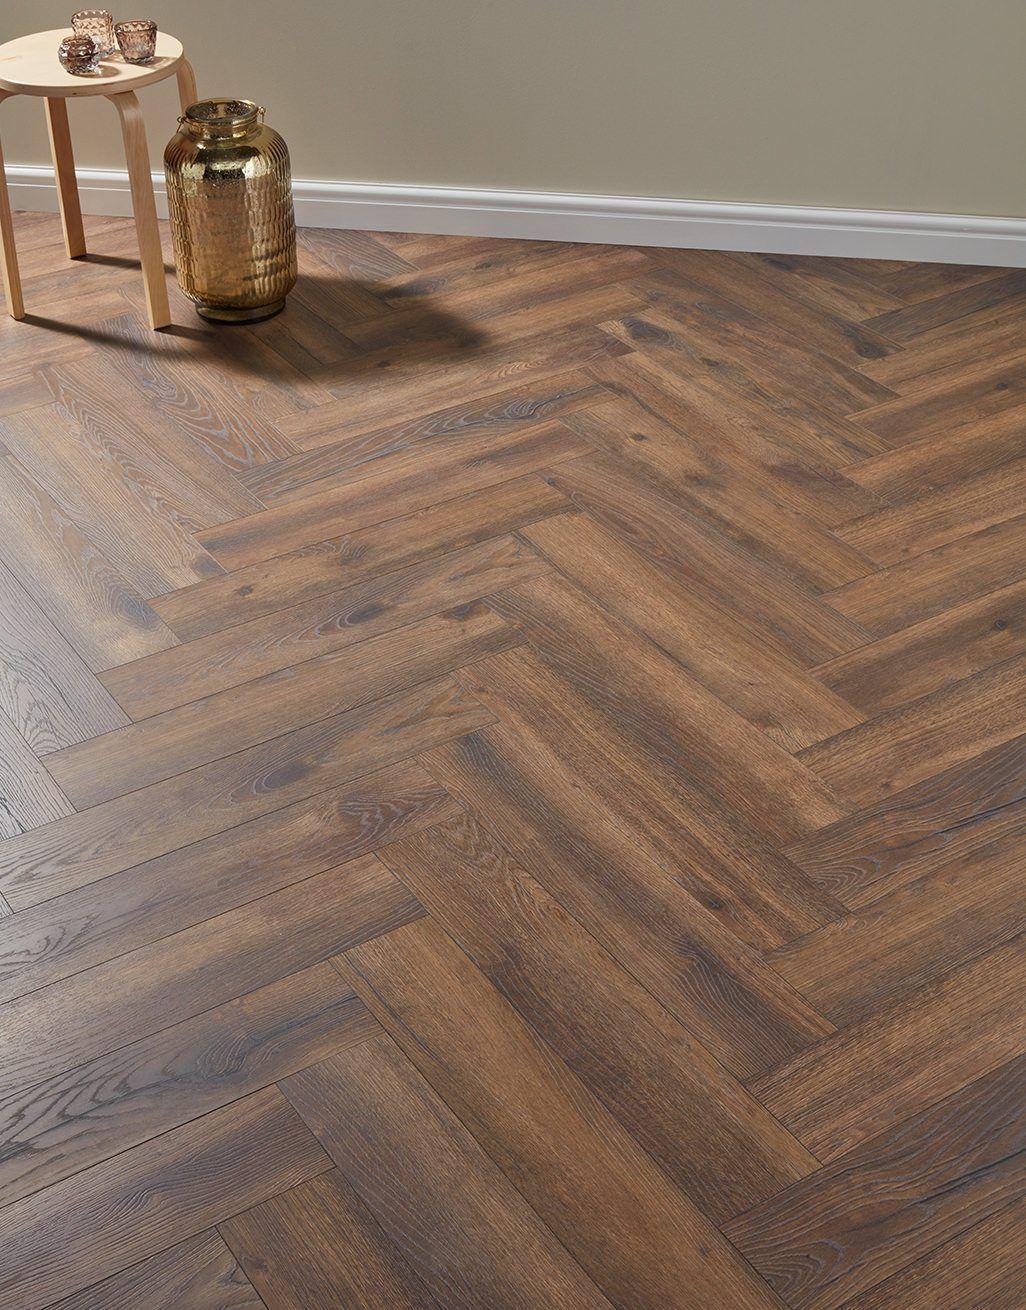 Scrapbooking Laminate flooring designs Laminate